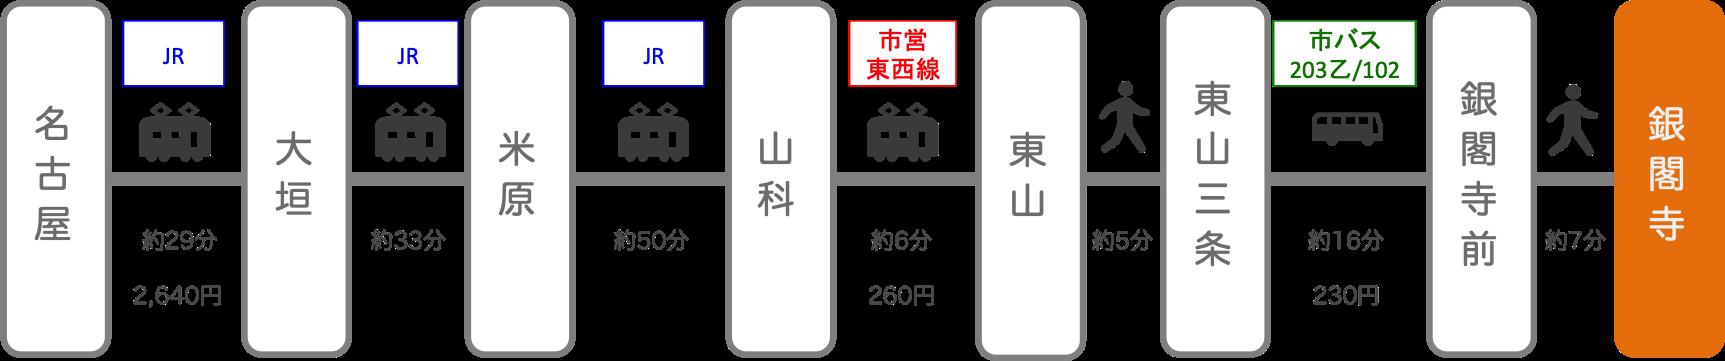 銀閣寺_名古屋(愛知)_電車